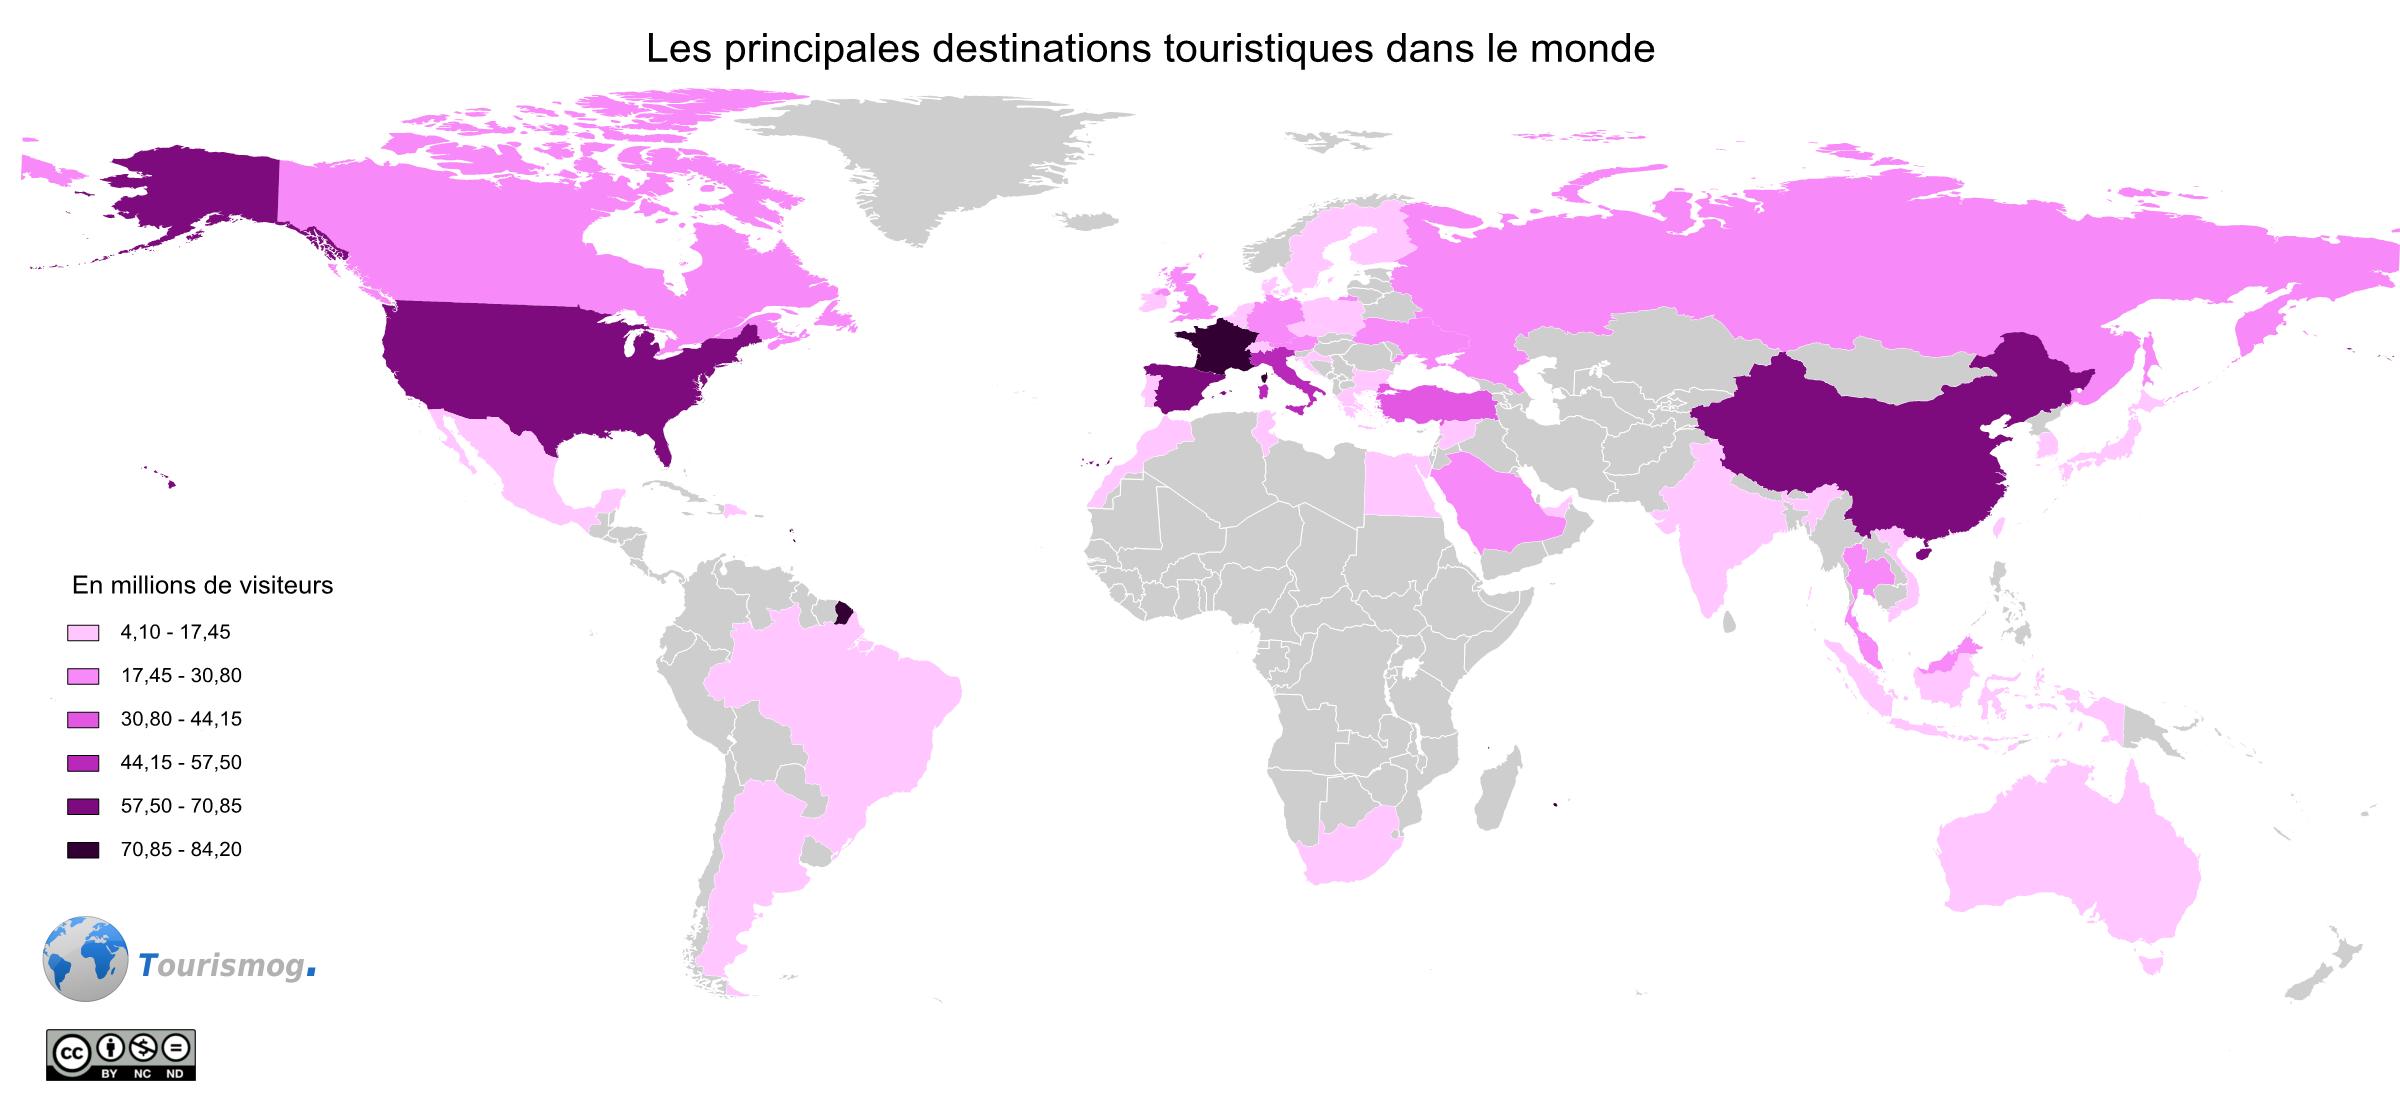 Pays les plus visit s dans le monde tourisme et voyage for Sites de cuisine les plus visites